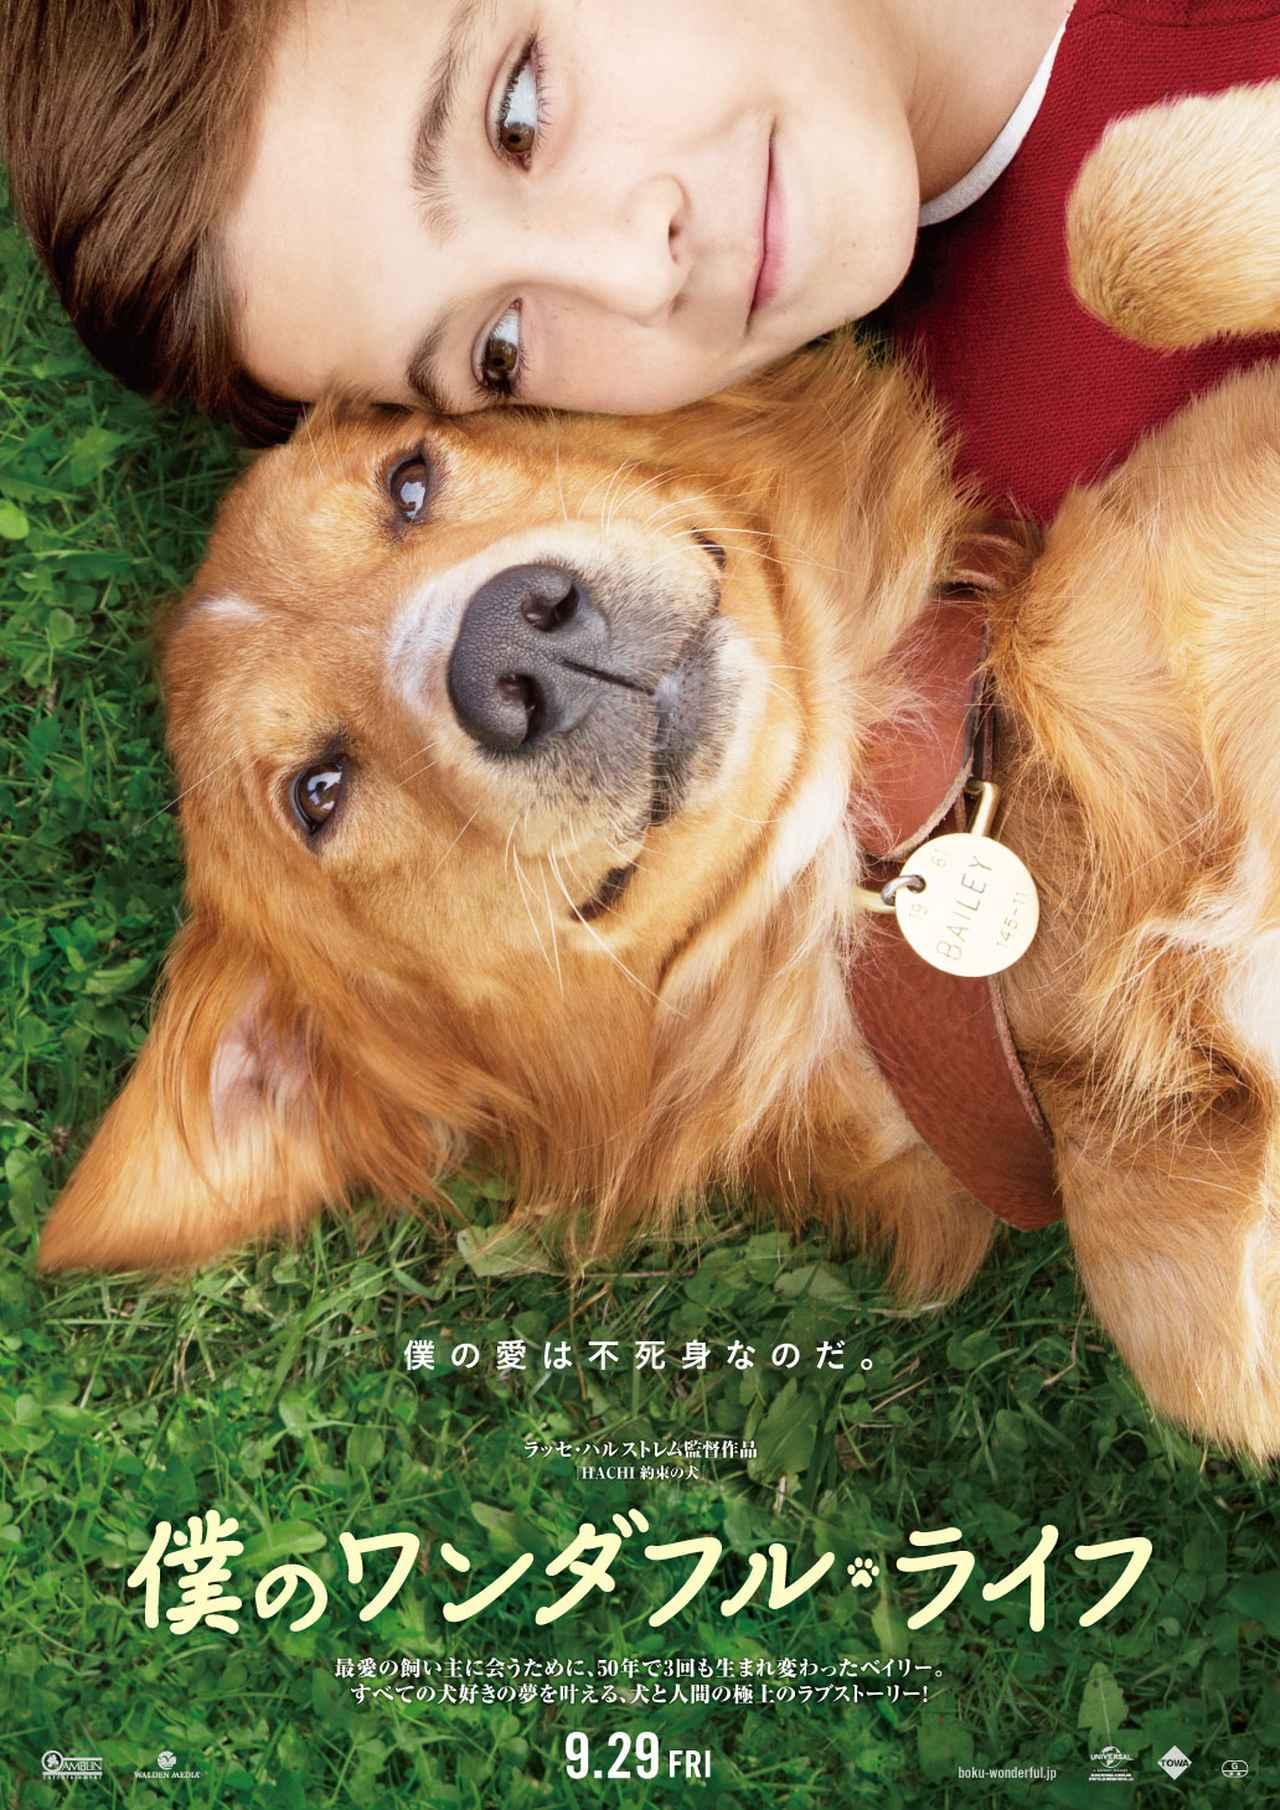 画像3: 原作は愛犬を亡くした恋人のためのベストセラー小説